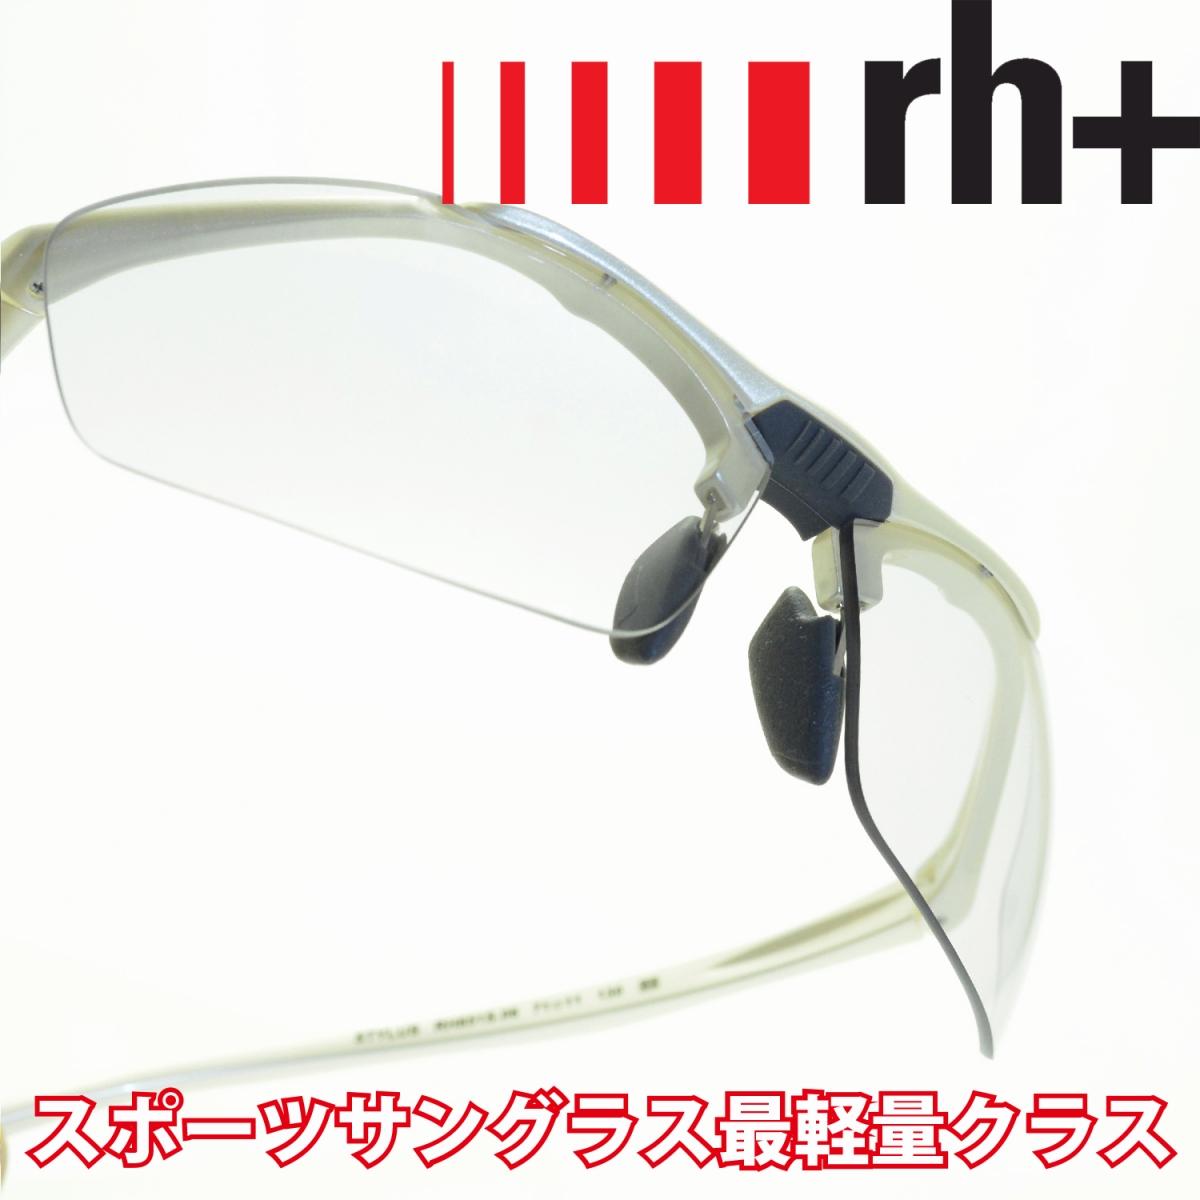 rh+ アールエイチプラス STYLUS JAPAN RH851S06メガネ 眼鏡 めがね メンズ レディース おしゃれ ブランド 人気 おすすめ フレーム 流行り 度付き レンズ サングラス スポーツ